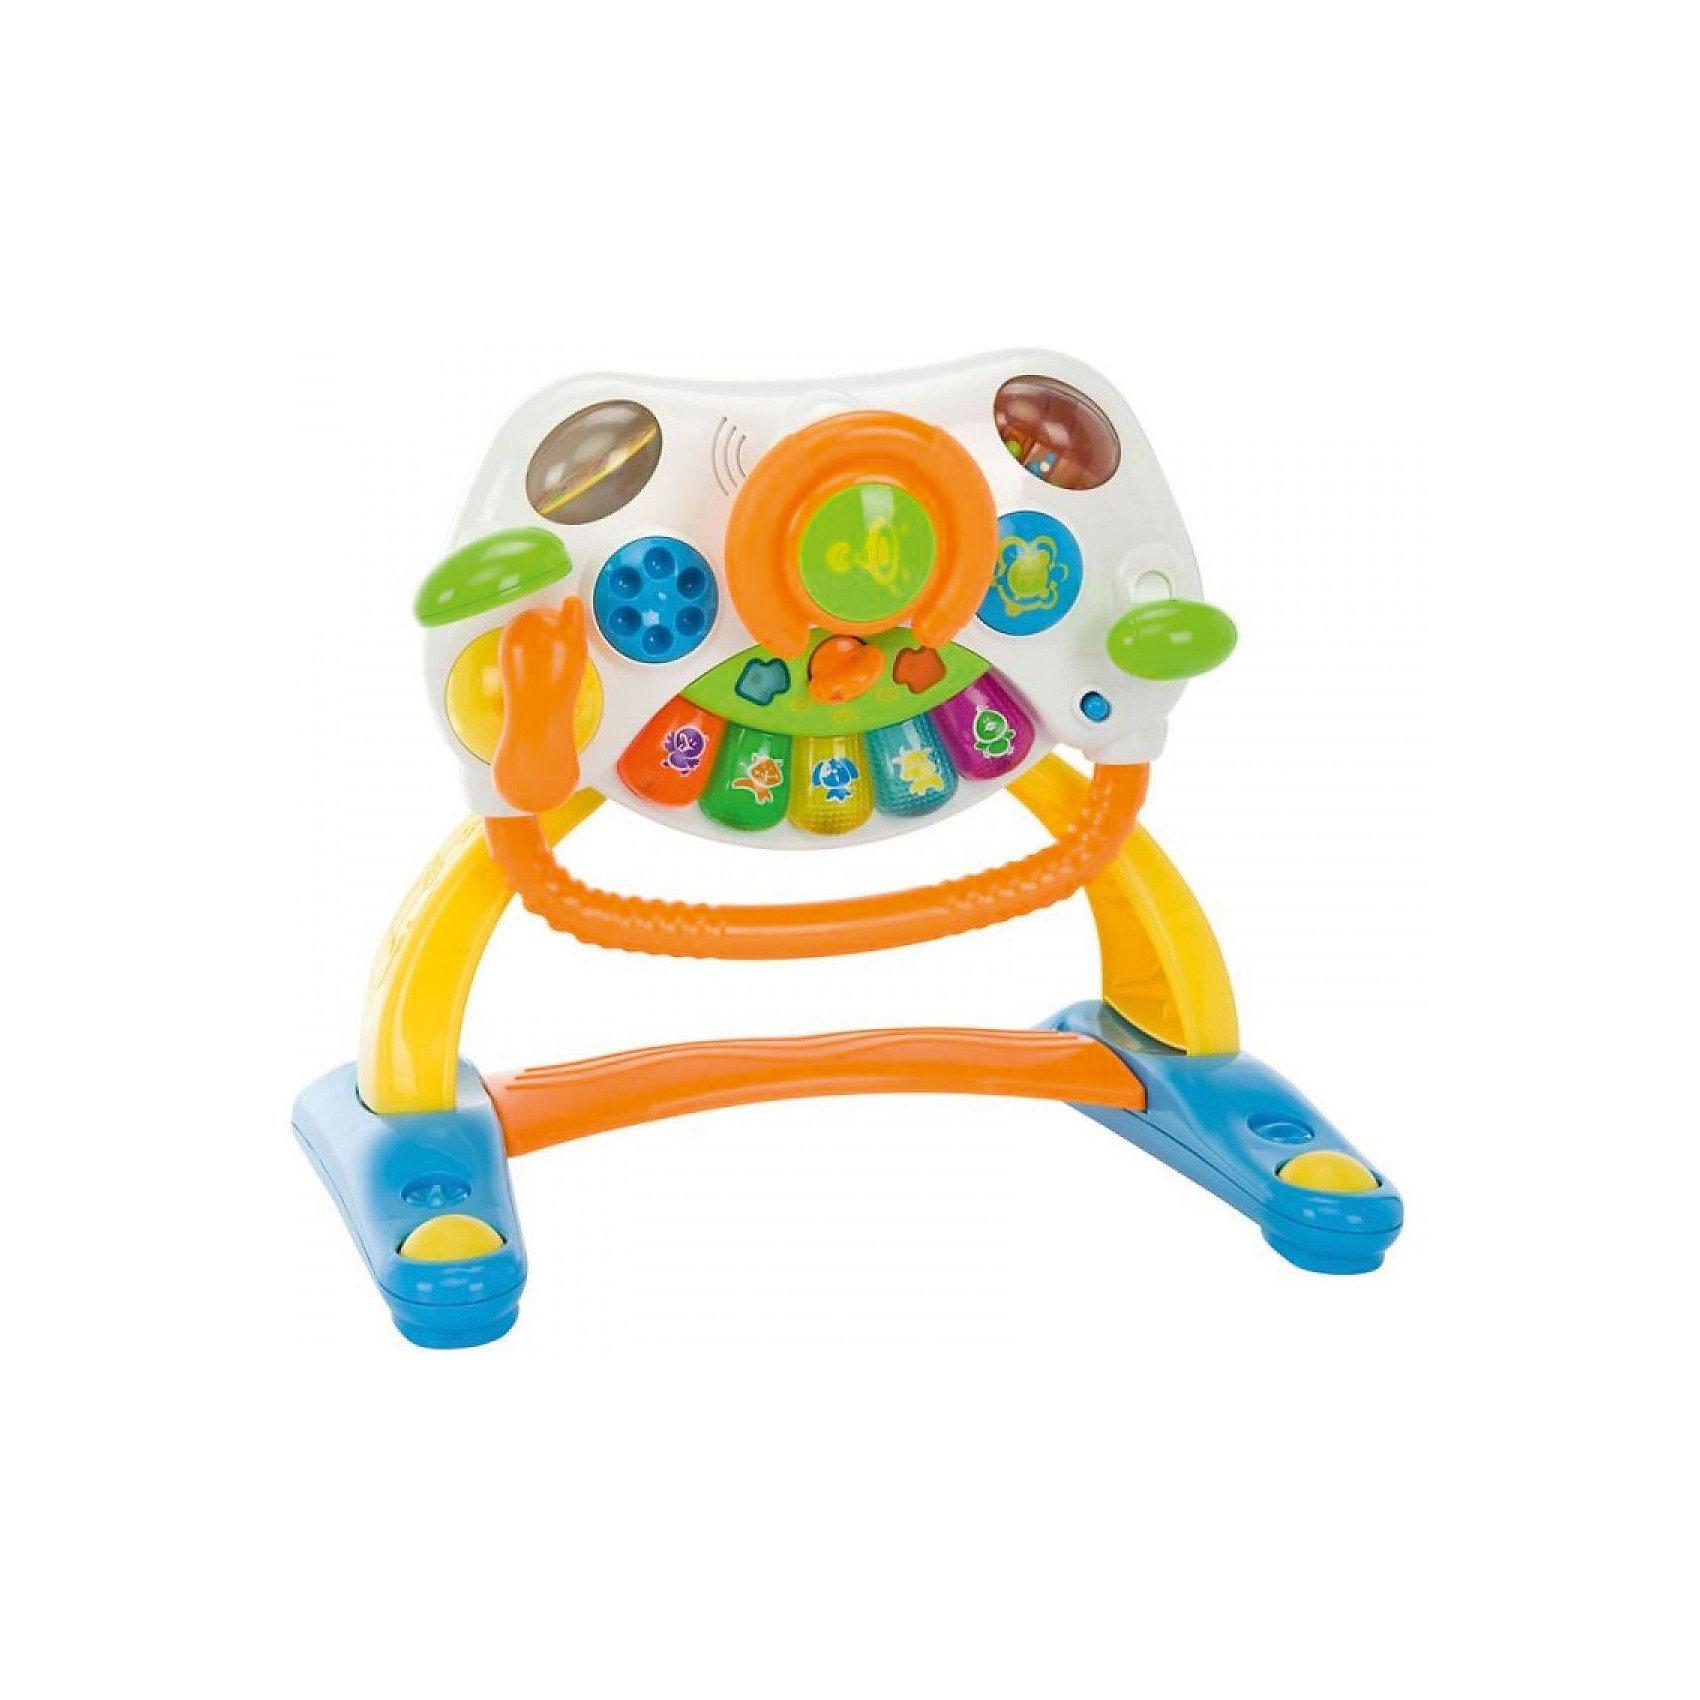 Каталка Маленький водитель, WeinaКаталка Маленький водитель, Weina - это красочная, многофункциональная игрушка, совмещающая в себе ходунки и увлекательный игровой центр с настоящими автомобильными сигналами. За поручень удобно браться, вставать и ходить. Широкая колесная база обеспечивает каталке максимальную устойчивость. На игровой панели малыш найдет множество занимательных деталей и ярких разноцветных кнопочек с веселыми мелодиями (всего 10 мелодий). Нажимая на кнопки пианино, он услышит забавные звуки животных. Громкость звука регулируется переключателем. Также на панели расположены крутящийся руль, зеркальце с регулируемым углом наклона, переключатель скорости и съемная телефонная трубка. Игра сопровождается световыми эффектами в виде ярких мигающих лампочек. Игрушку можно использовать как столик, за которым малыш играет сидя или стоя, или сняв игровую панель, играть с ней отдельно. Игрушка развивает музыкальный слух, моторику и двигательные навыки, а также учит пониманию причинно-следственных связей.<br><br>Дополнительная информация:<br><br>- Материал: пластик.<br>- Требуются батарейки: 3 х АА 1,5 В (входят в комплект).<br>- Размер игрушки: 51 х 43 х 53 см.<br>- Размер упаковки: 62 х 51 х 47 см.<br>- Вес: 2,6 кг.<br><br>Каталку Маленький водитель, Weina, можно купить в нашем интернет-магазине.<br><br>Ширина мм: 620<br>Глубина мм: 510<br>Высота мм: 470<br>Вес г: 2600<br>Возраст от месяцев: 9<br>Возраст до месяцев: 36<br>Пол: Унисекс<br>Возраст: Детский<br>SKU: 4384680